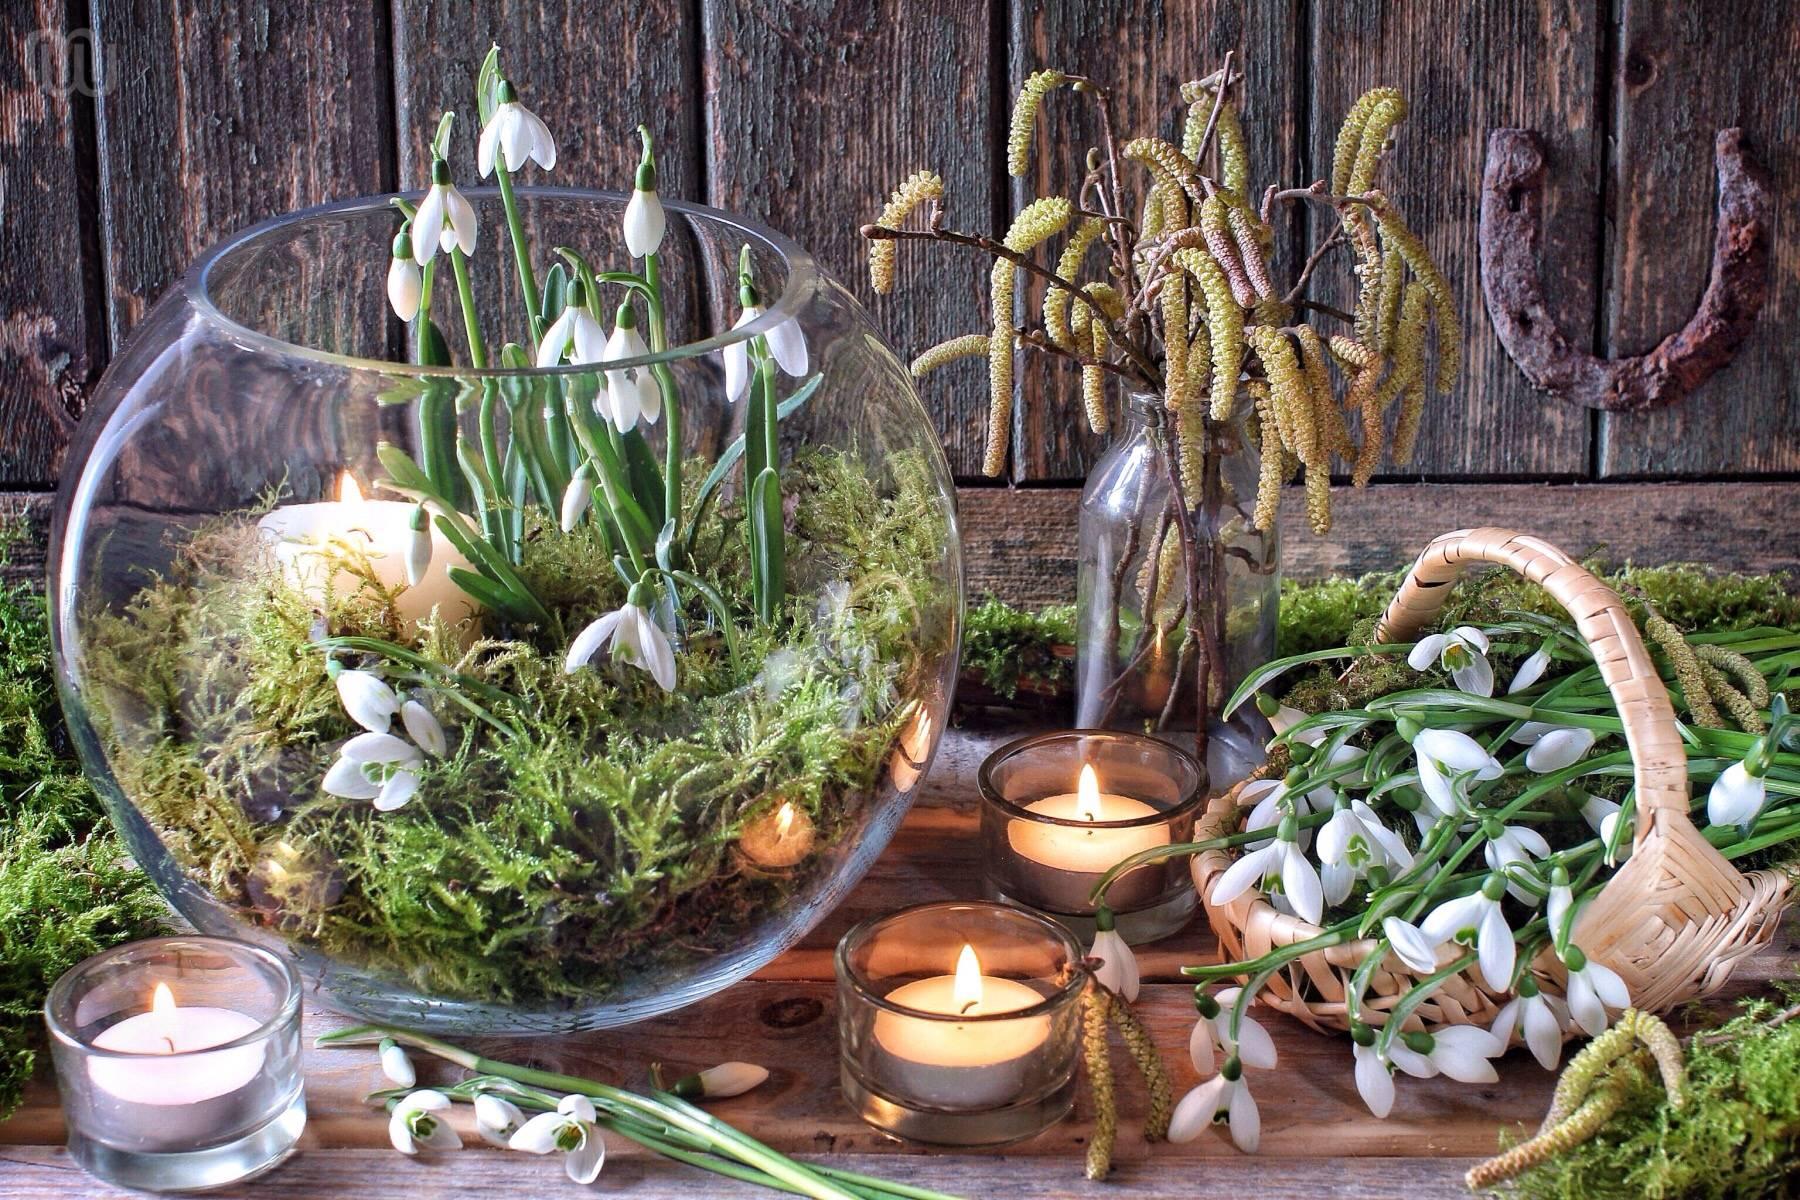 Символ одолень трава: значение оберега, легенда о растении